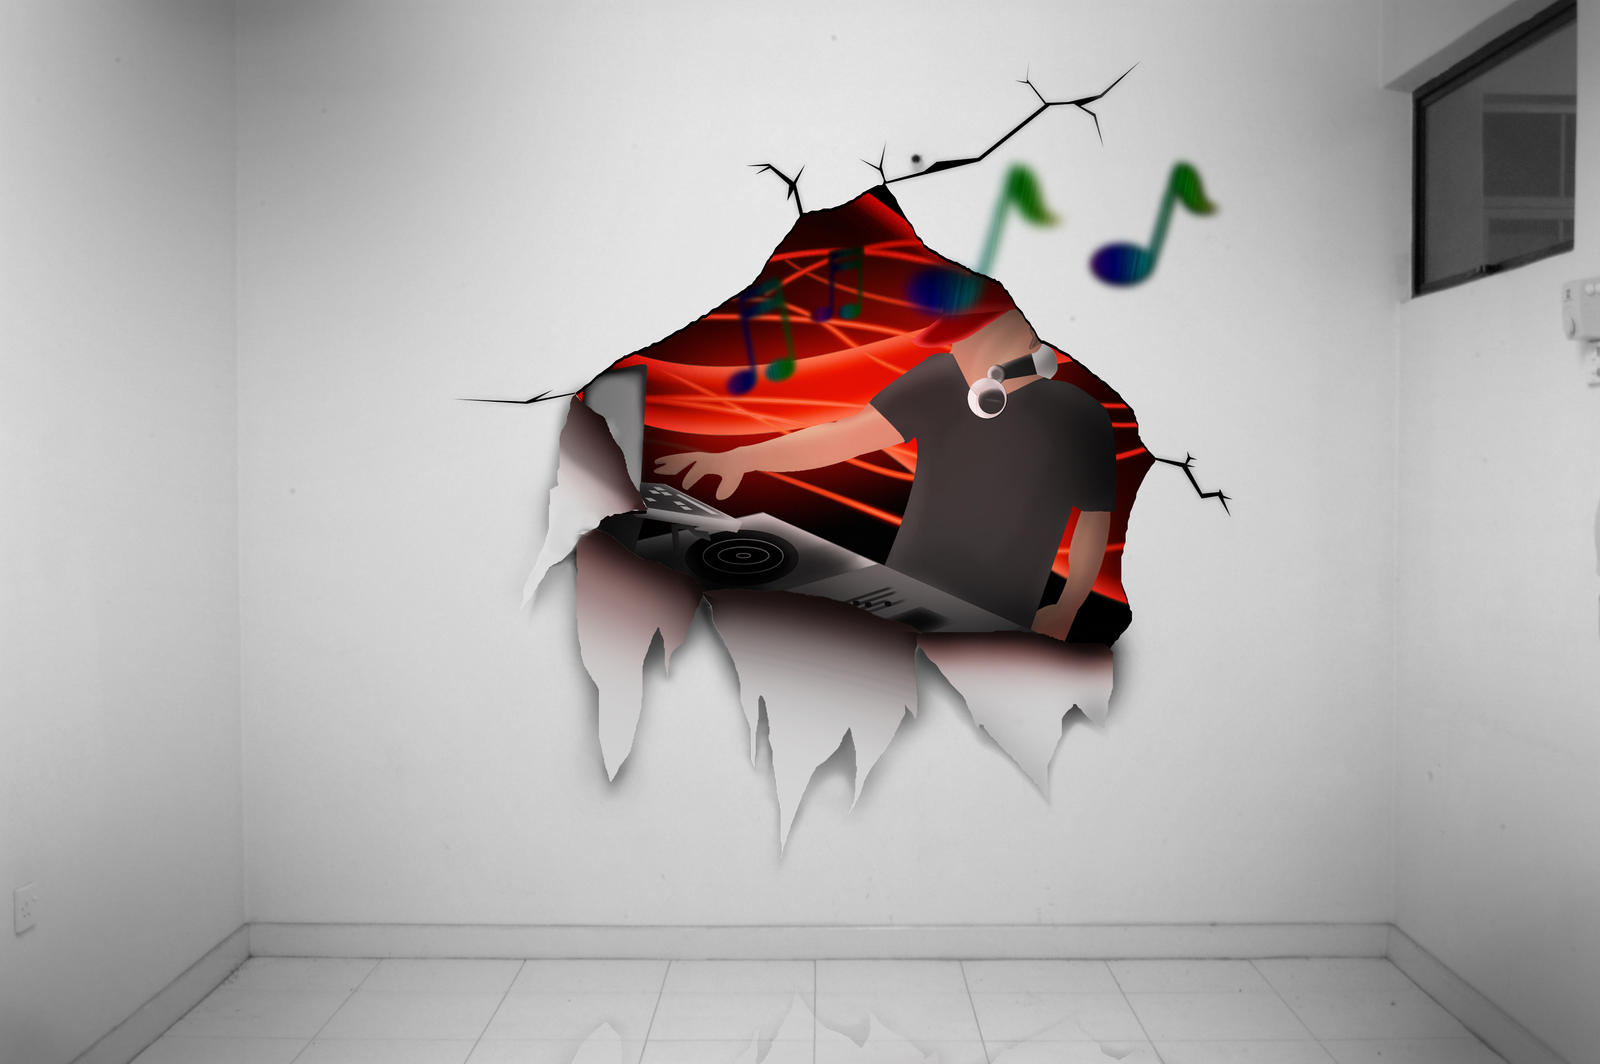 Digital mural painting by djdodim4ster on deviantart for Digital print mural